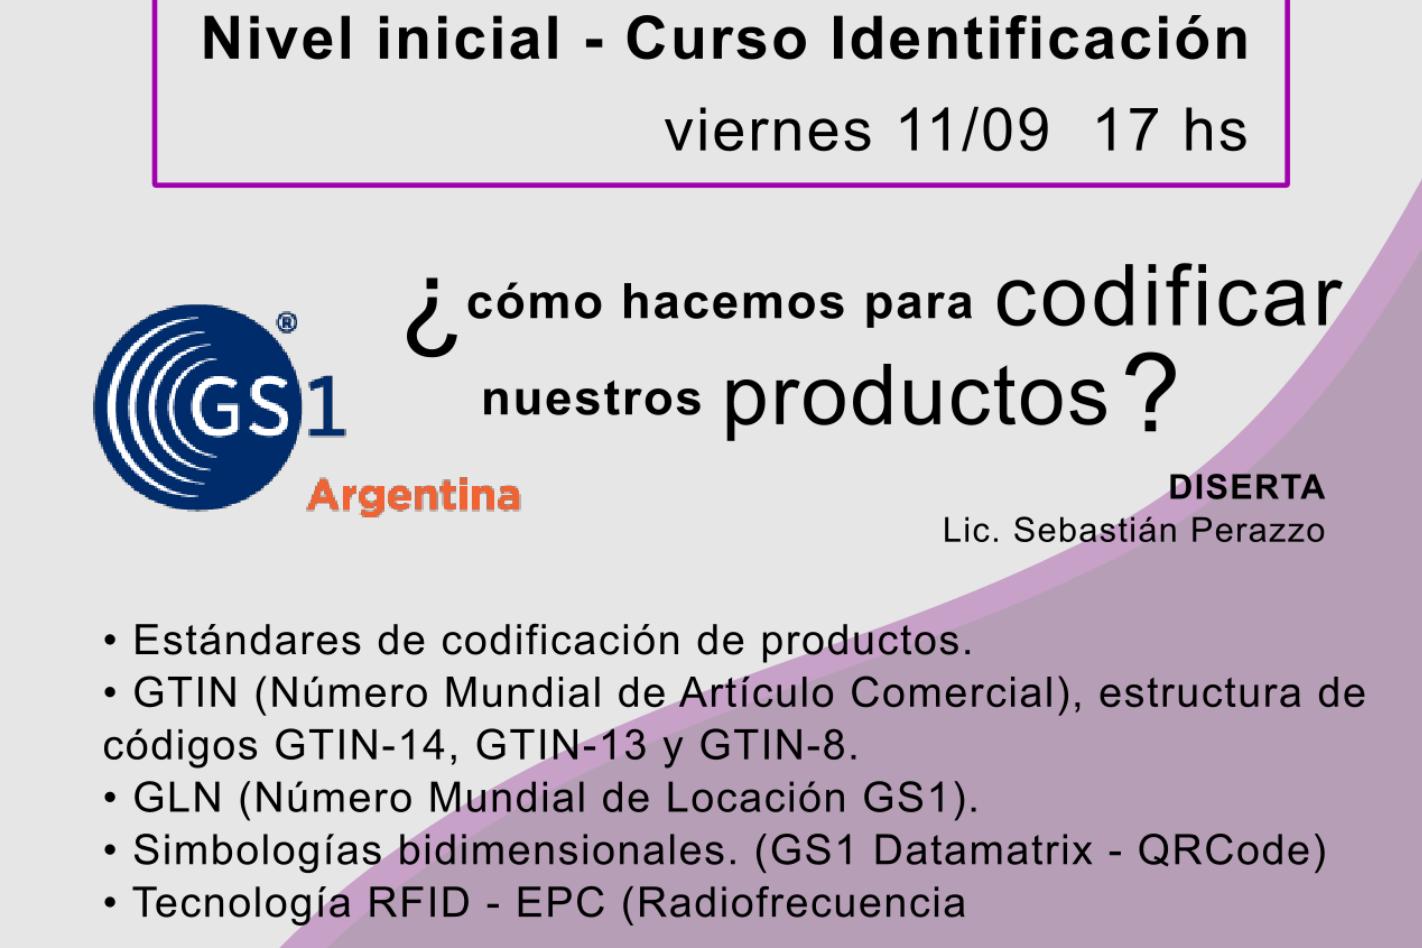 Nivel Inicial - Curso Identificación  ¿Cómo hacemos para codificar nuestros productos?